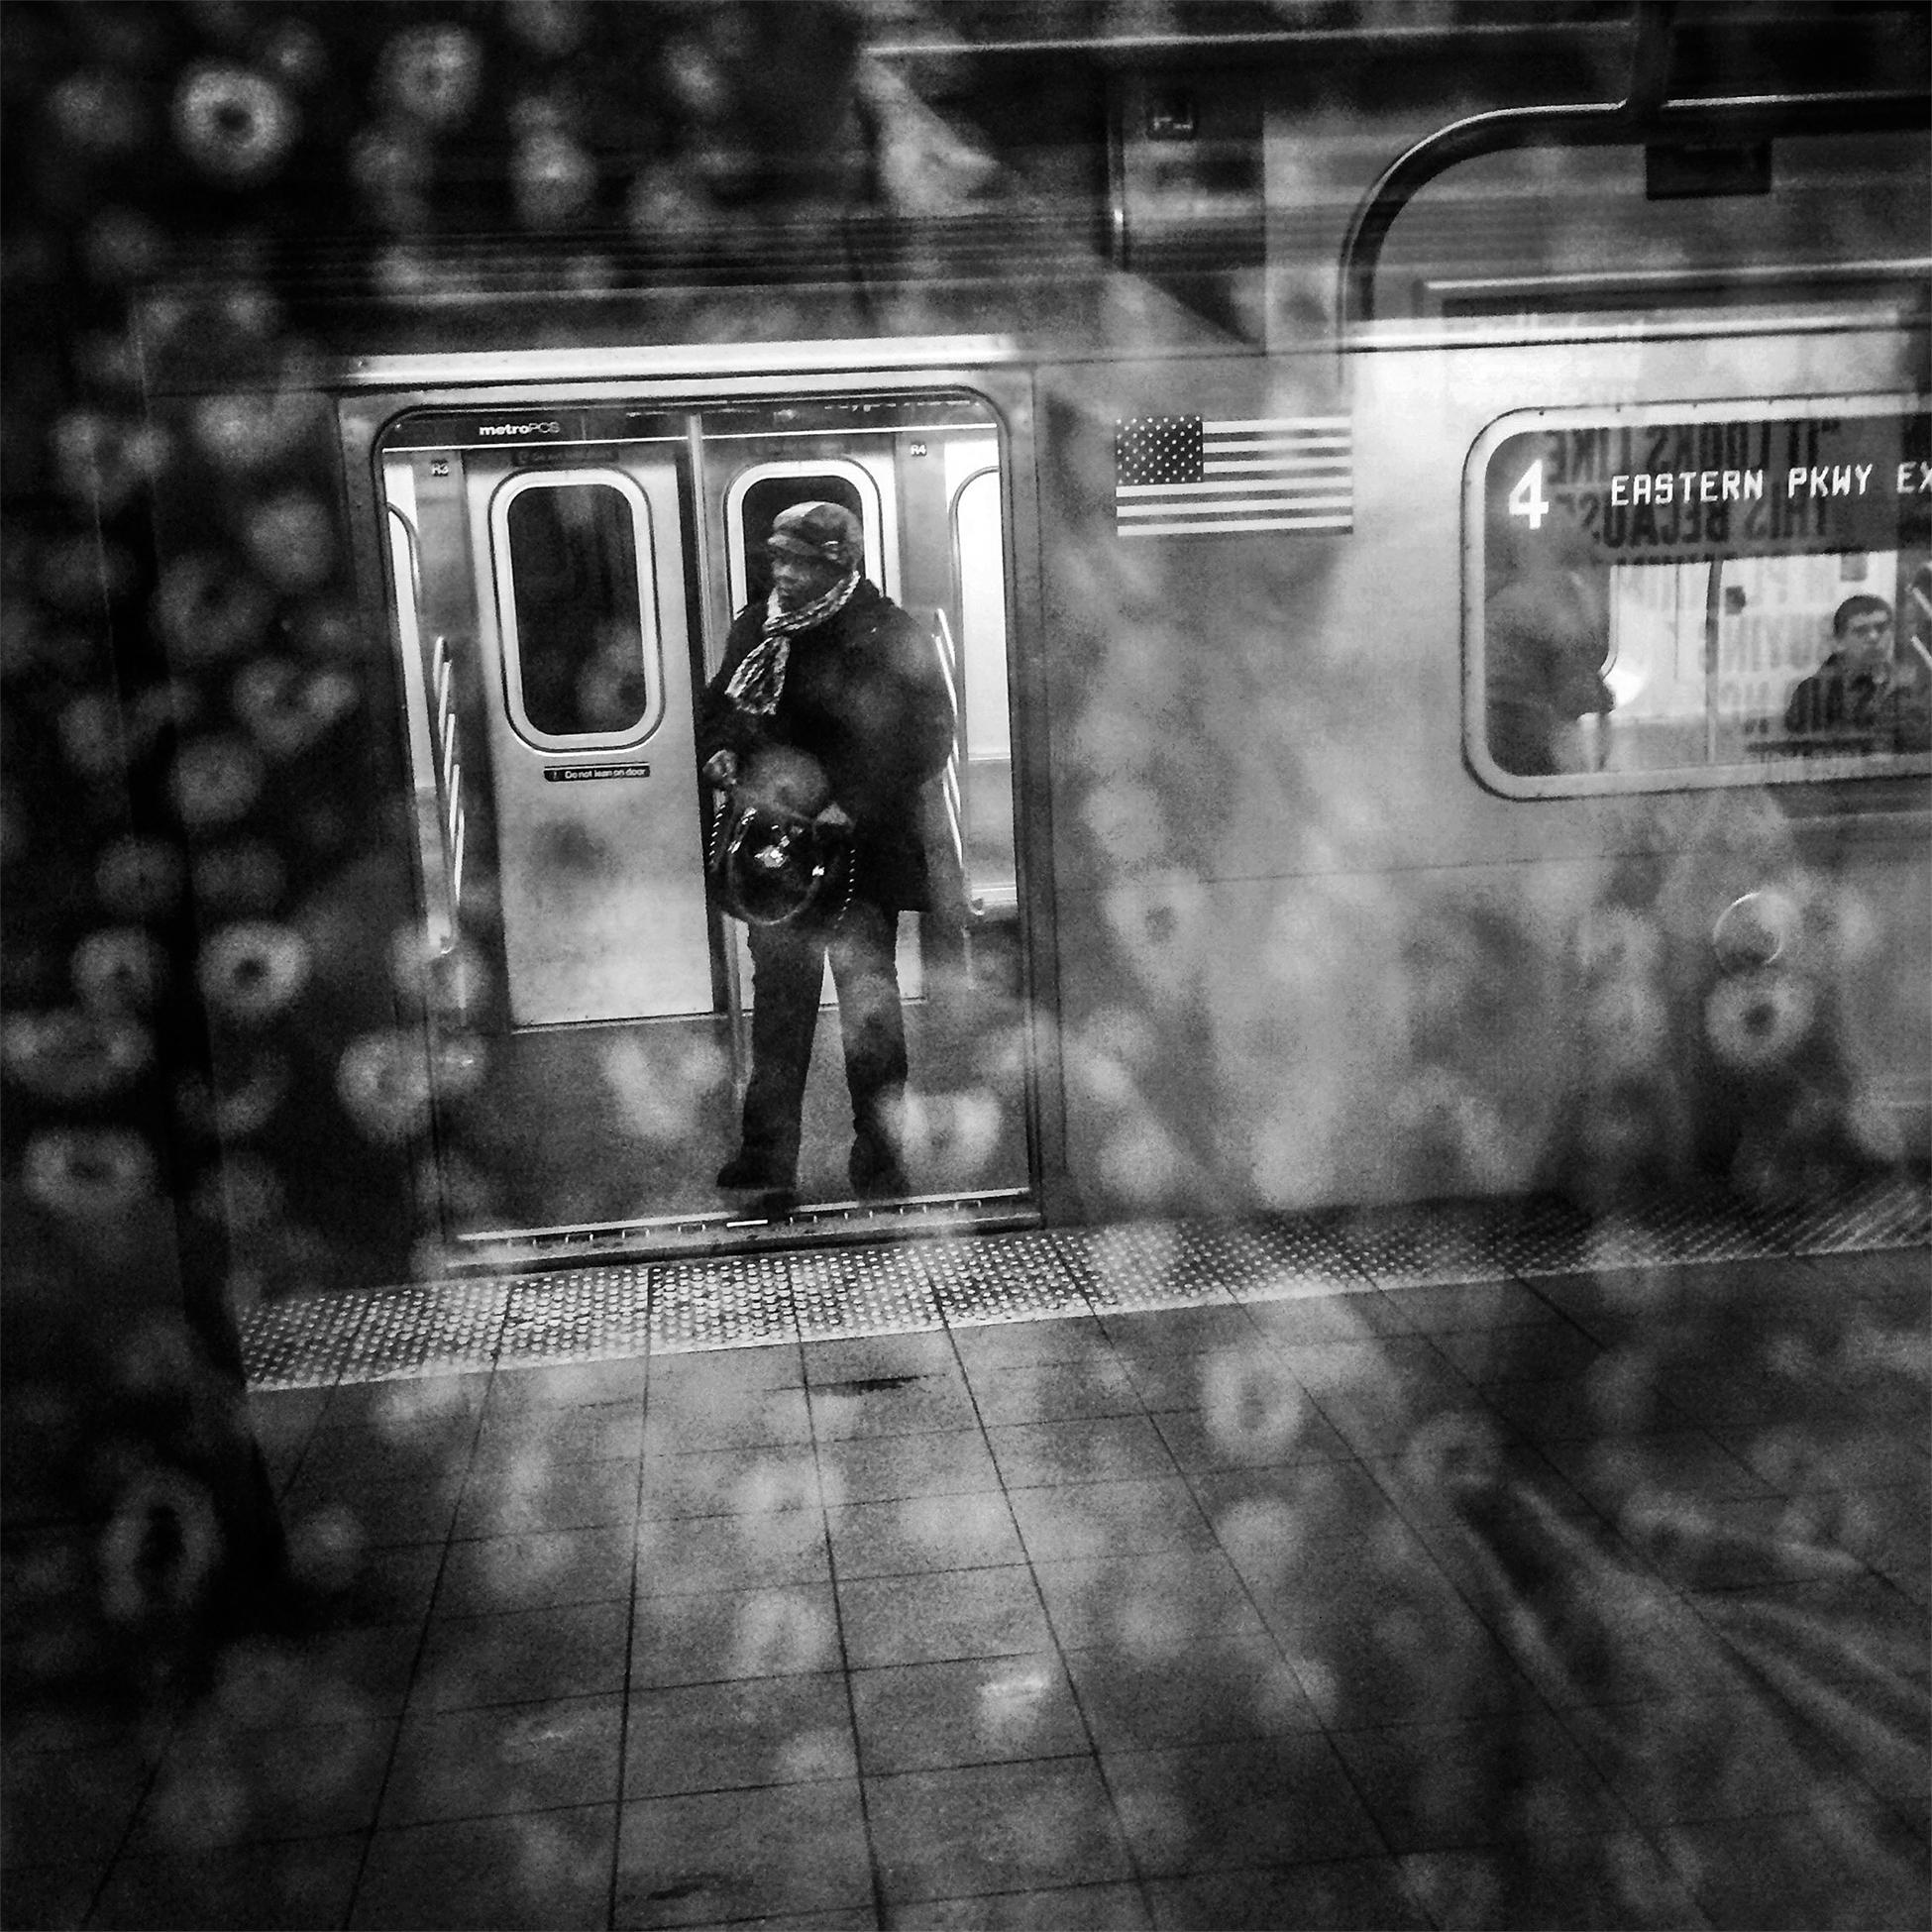 New York Subway, 2014